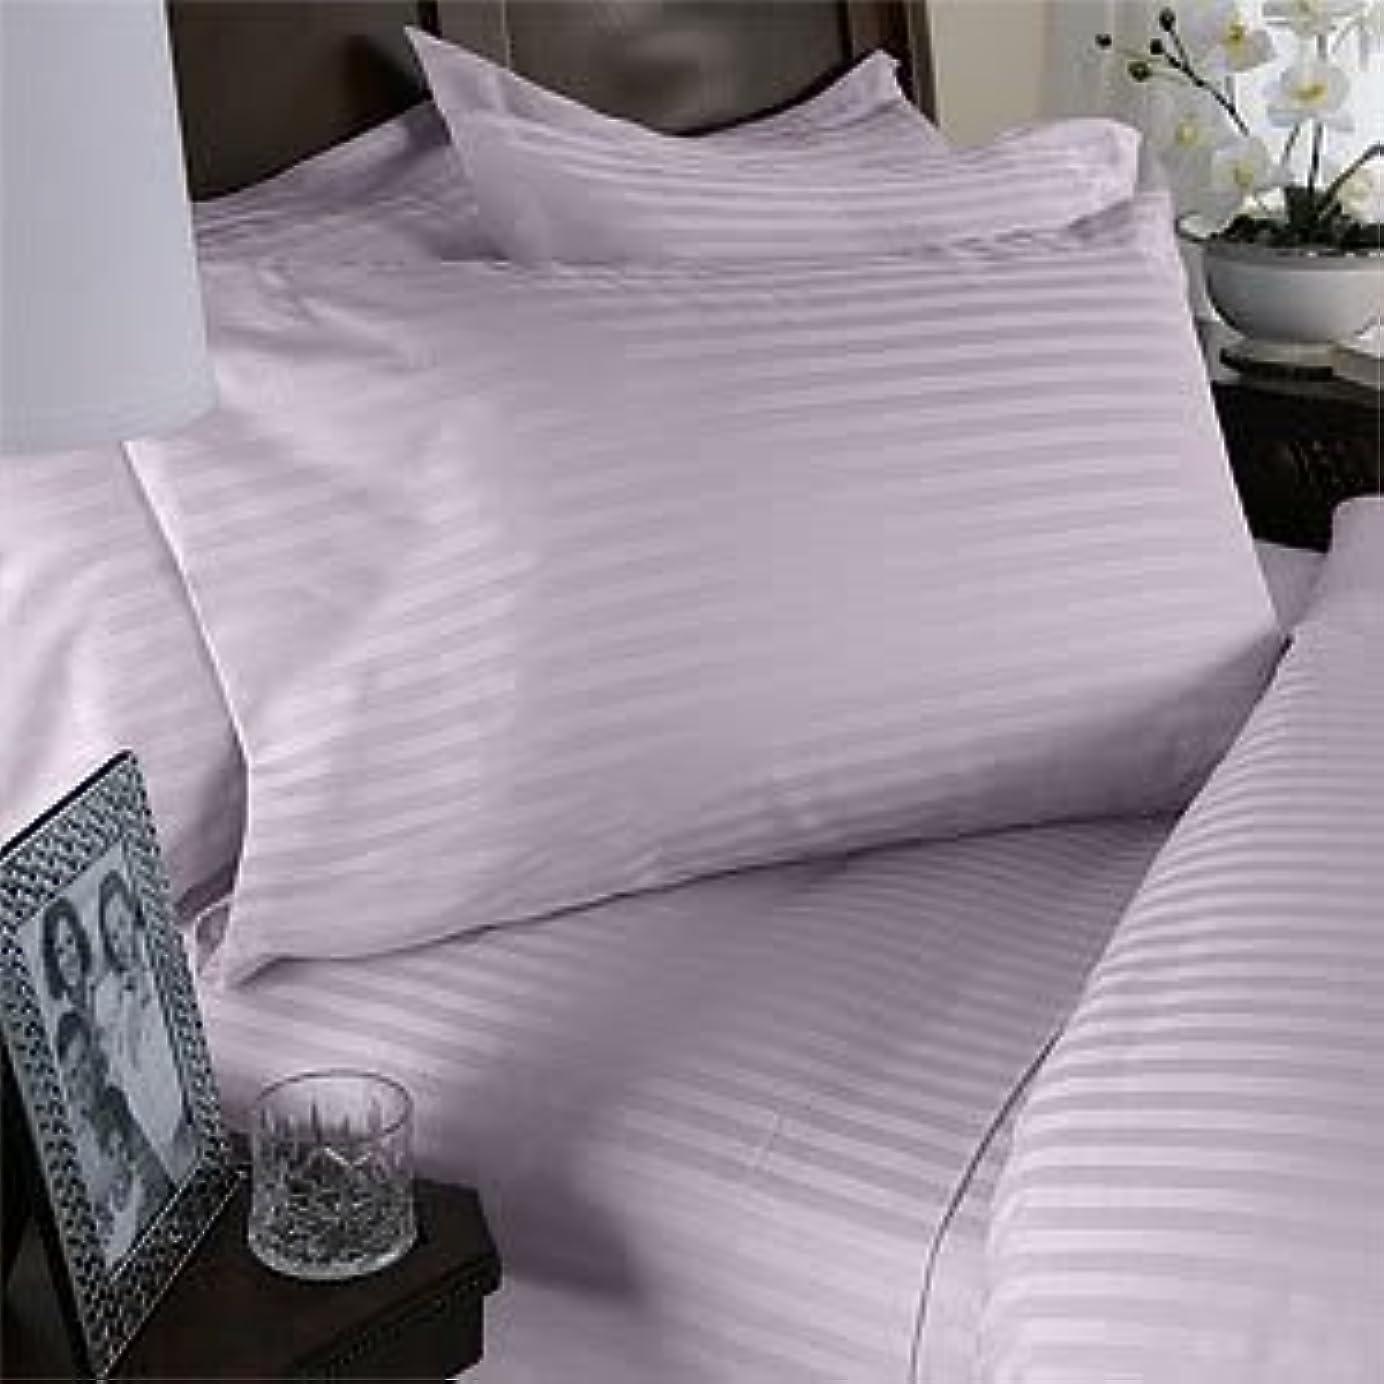 ソフトウェア商品仕えるラベンダーストライプオリンピッククイーンサイズサイズSix Piece [ 6?]ベッドシートセット(深いポケット) with Four [ 4?]枕カバー。600スレッドカウント100?%長繊維自然Combed Gizaコットン